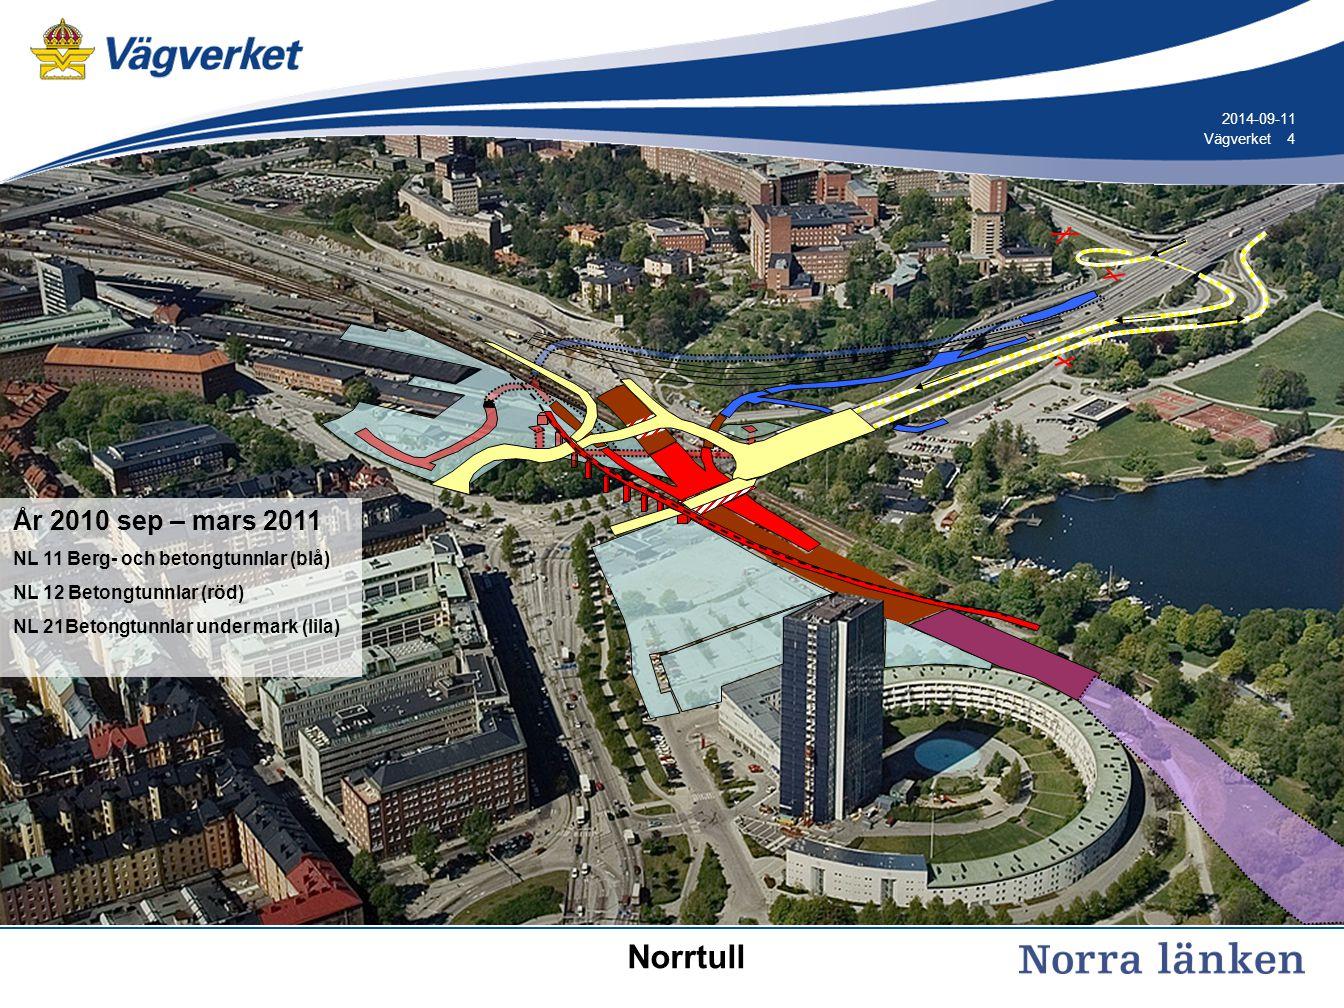 4 4Vägverket 2014-09-11 År 2010 sep – mars 2011 NL 11 Berg- och betongtunnlar (blå) NL 12 Betongtunnlar (röd) NL 21Betongtunnlar under mark (lila) Norrtull